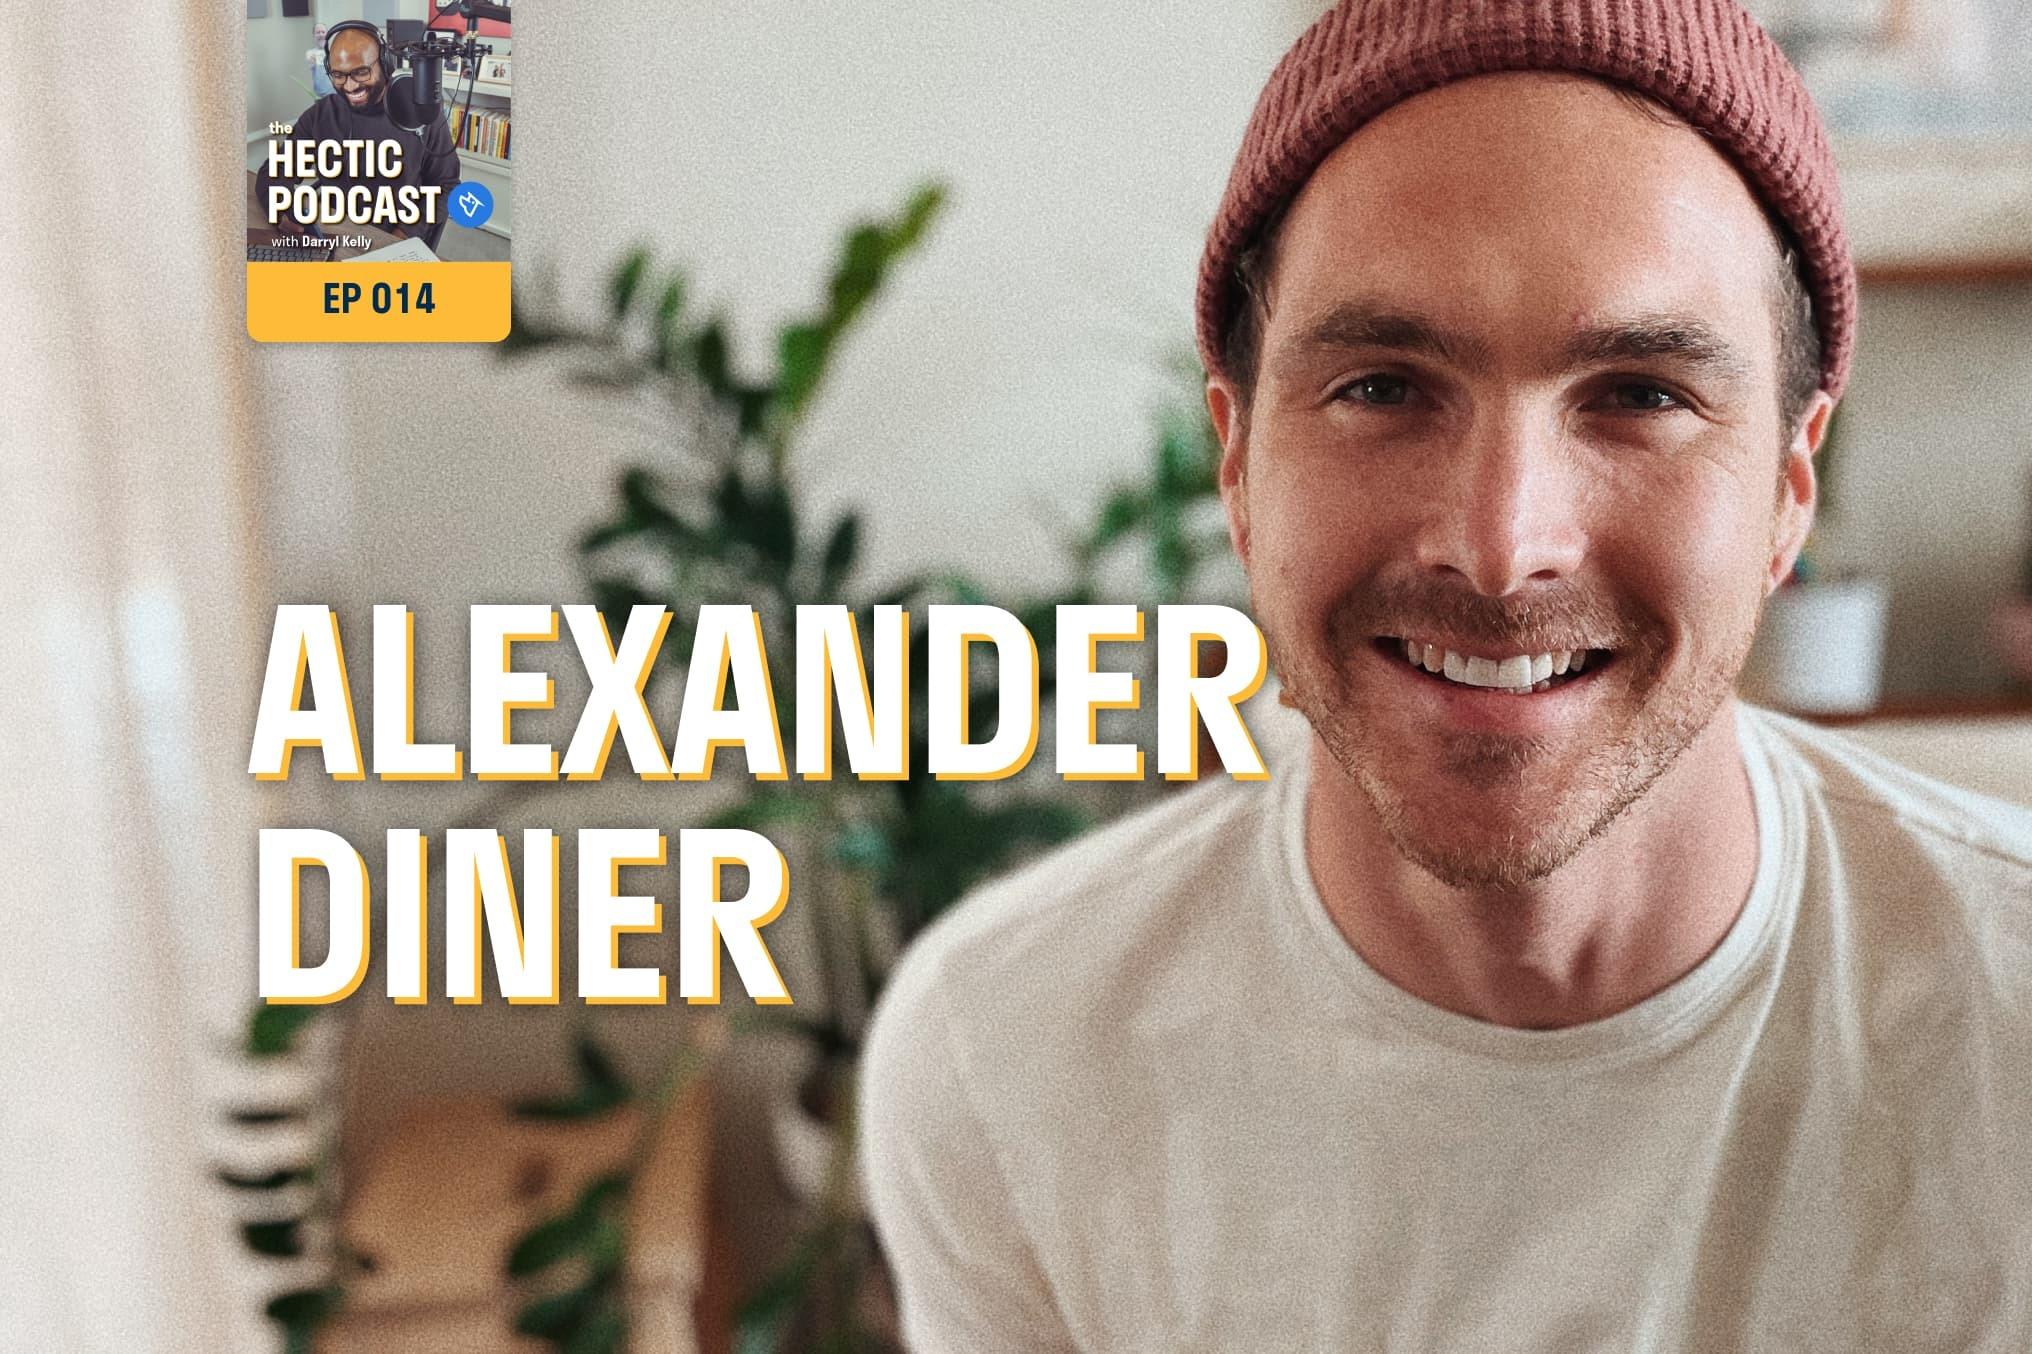 Alexander Diner